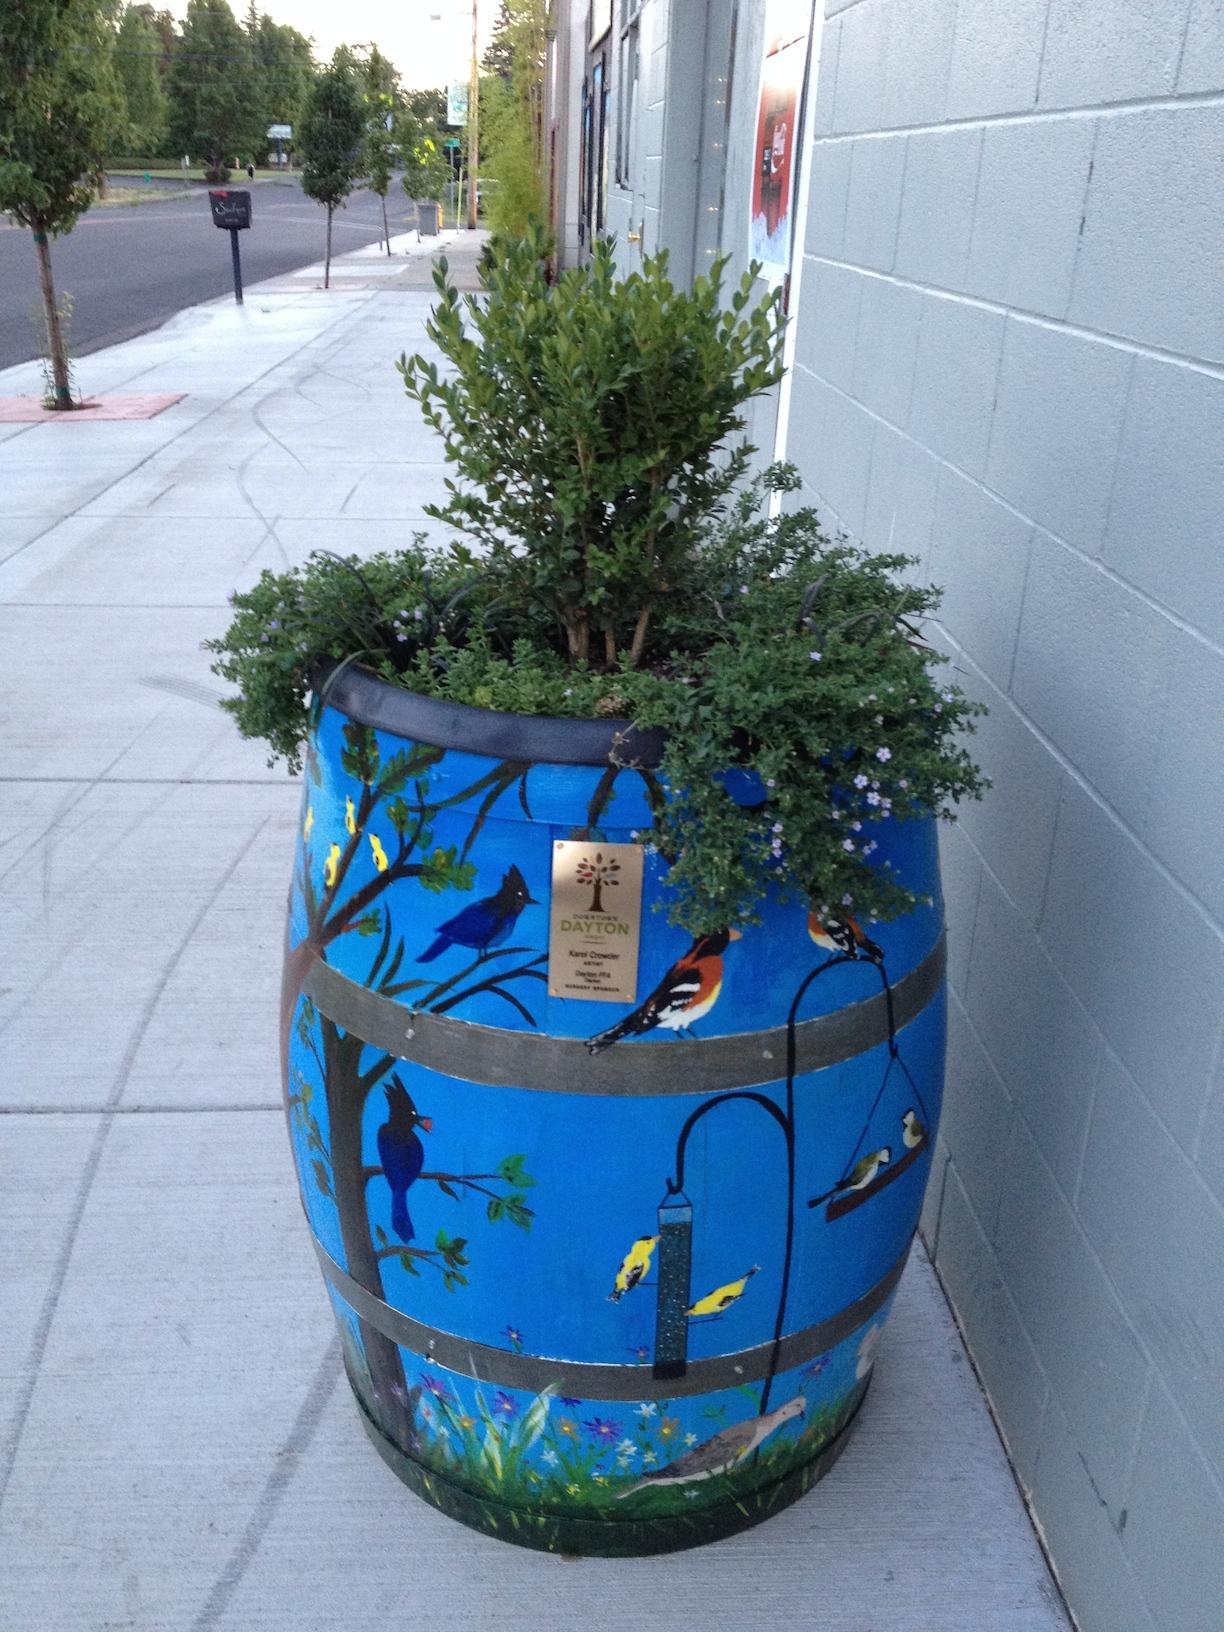 Fullsize Of Wine Barrel Planter